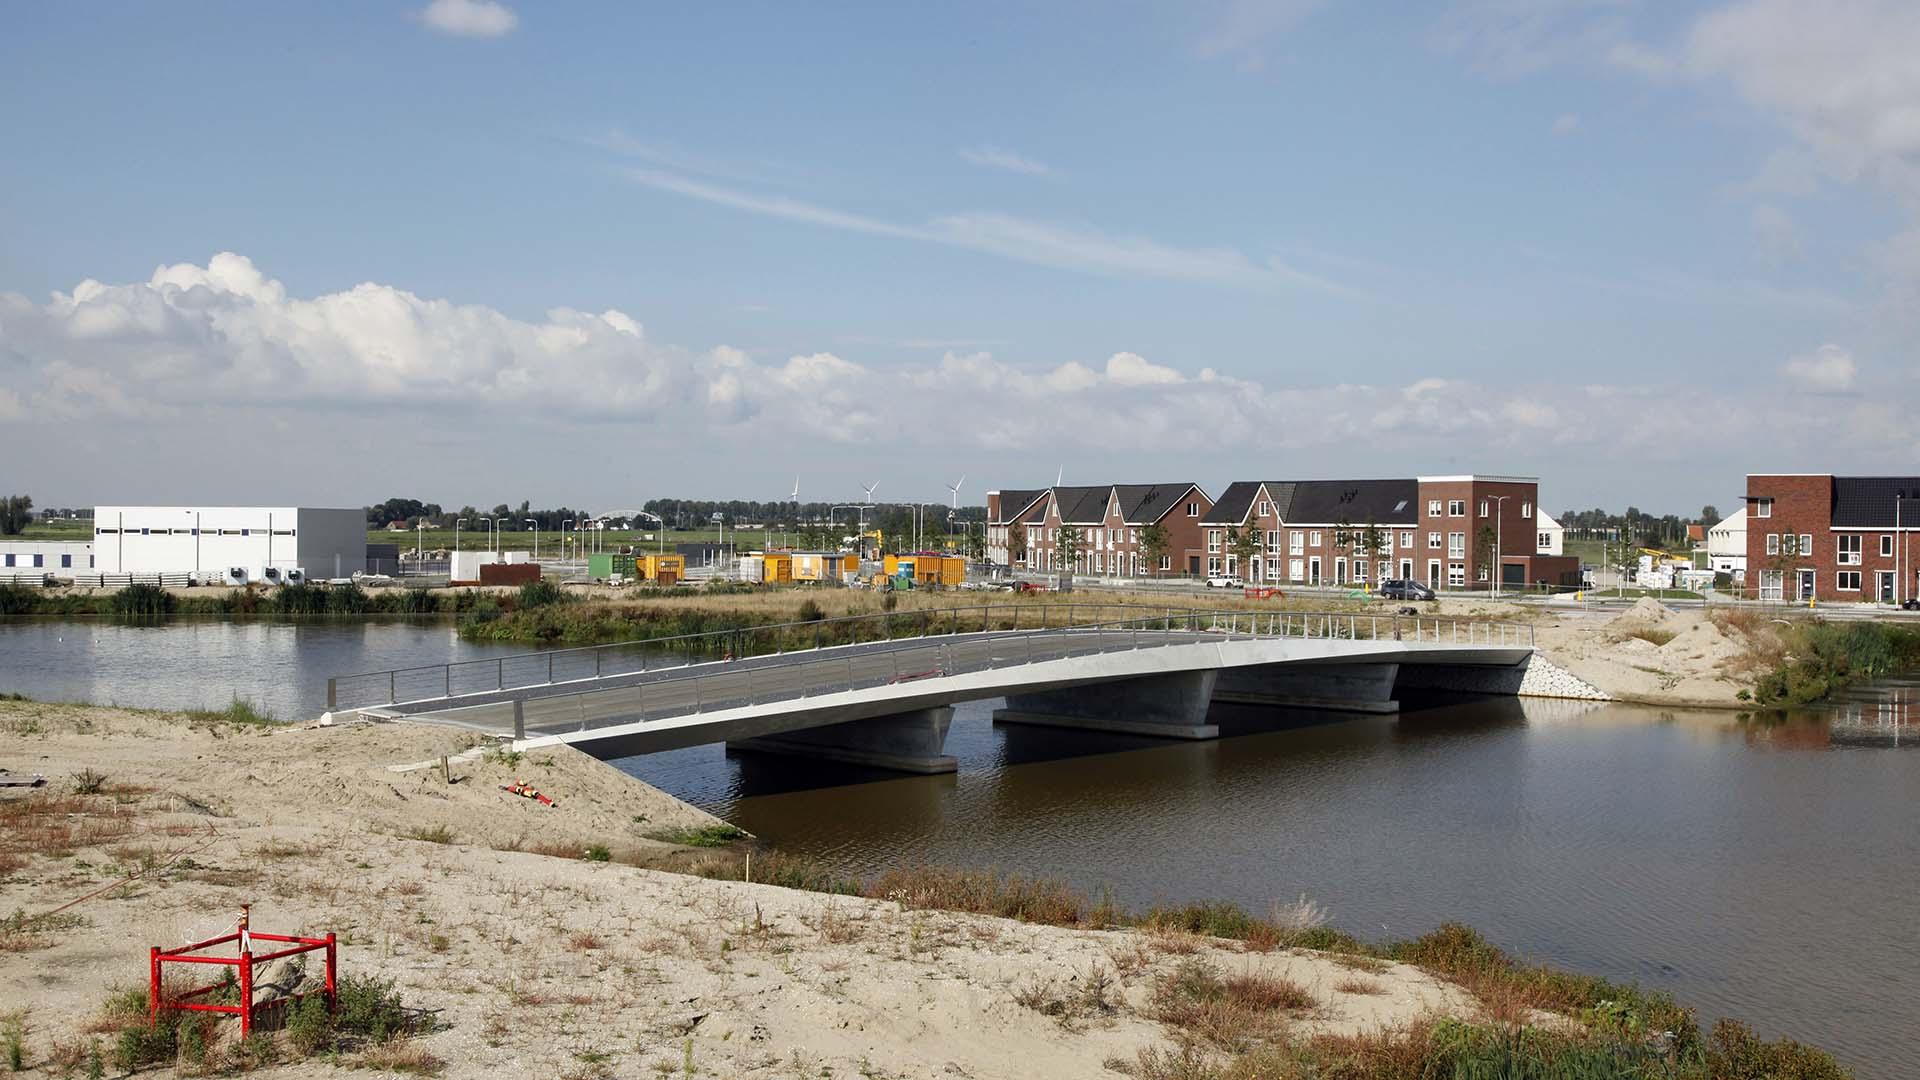 bouw van bruggen, brugontwerp van bruggen Westergouw Gouda door ipv Delft